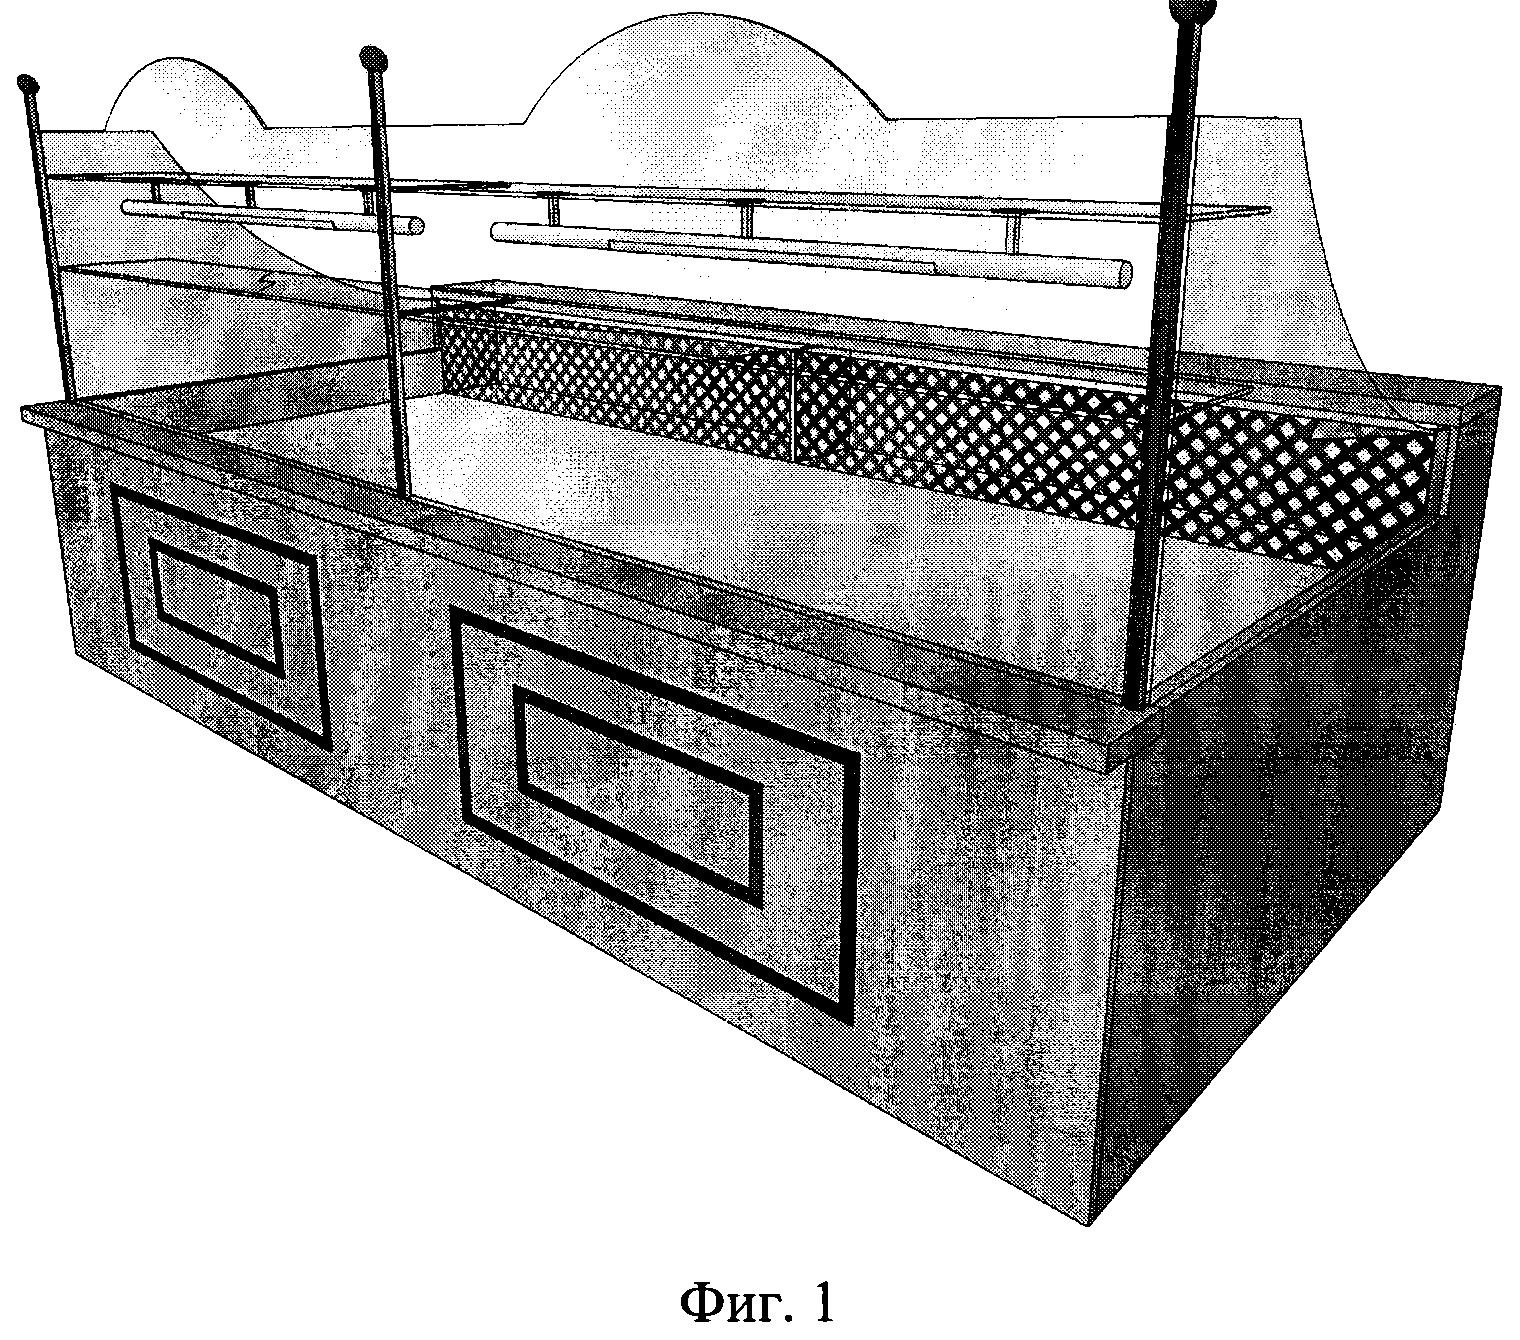 Охлаждаемая витрина для экспозиции кондитерских изделий